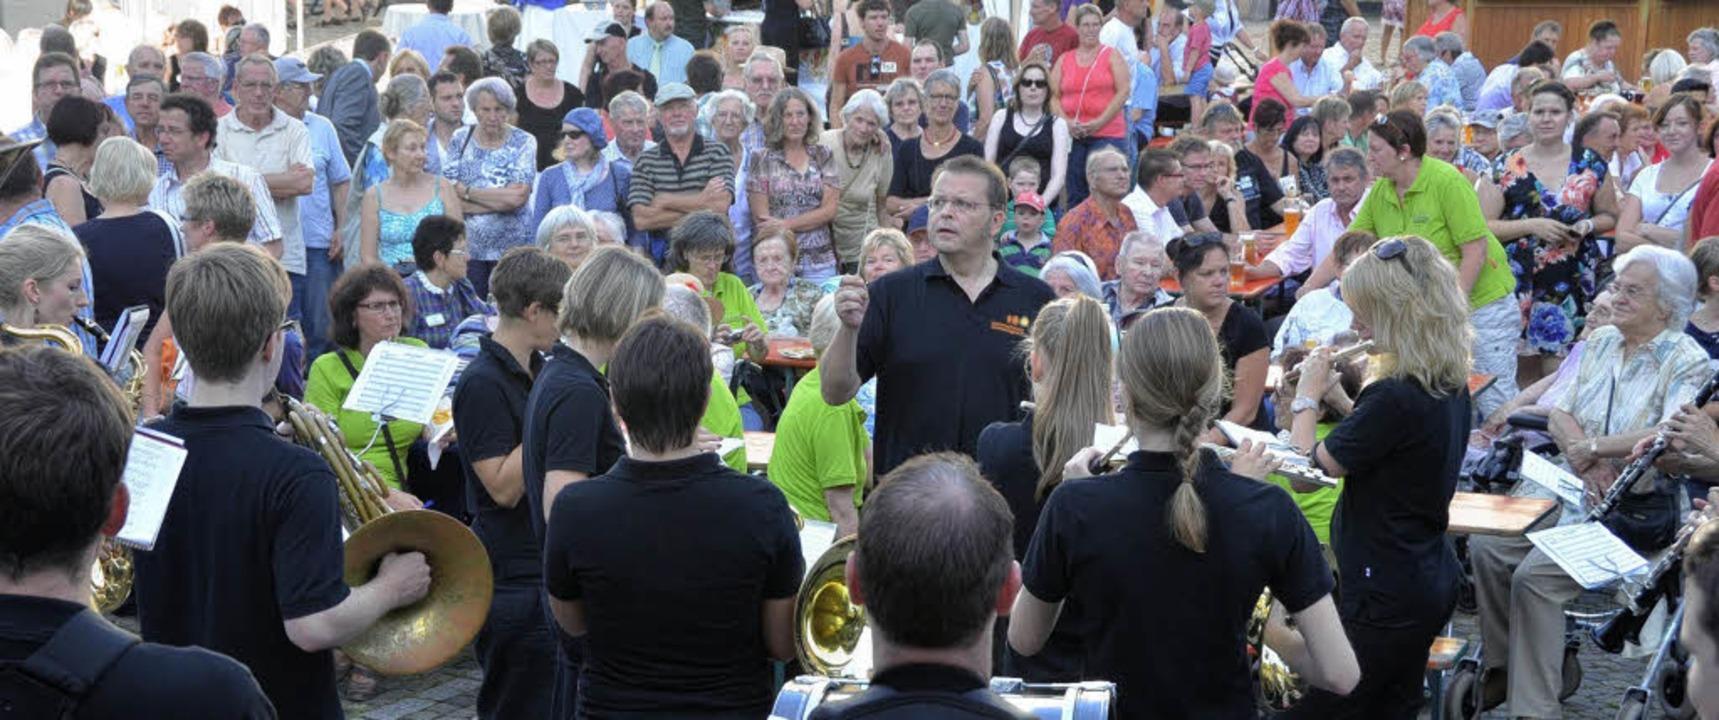 Die Stadtmusik bei der Weinfesteröffnung auf dem Marktplatz  | Foto: hans-jürgen truöl